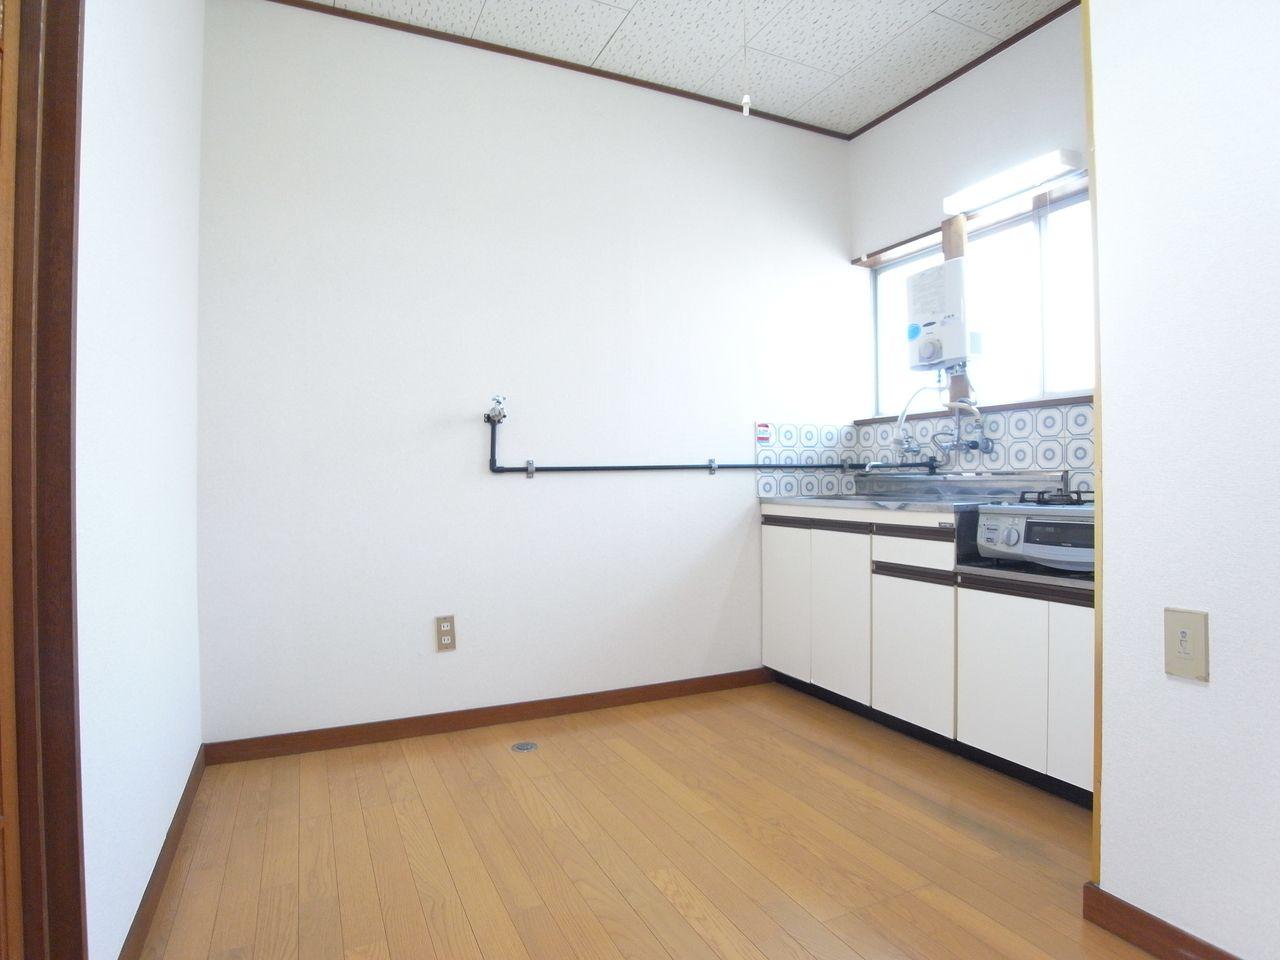 室内洗濯機置場のスペースあり